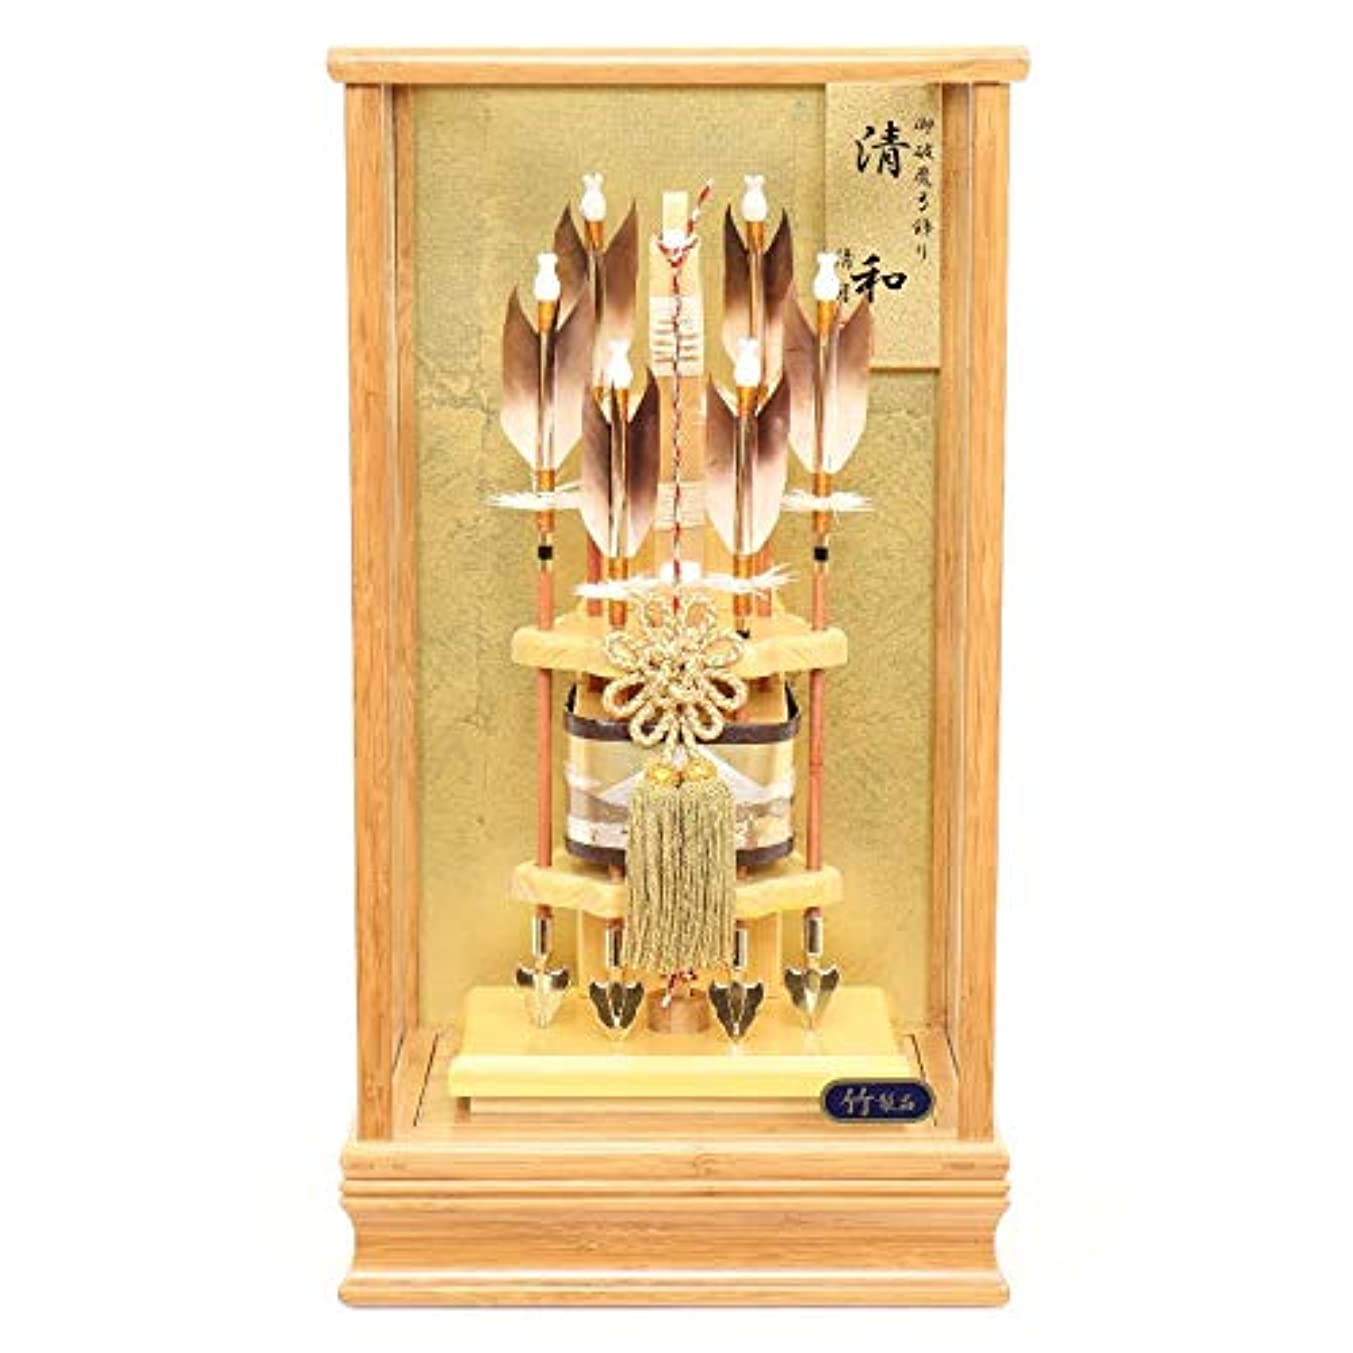 光沢のあるスーパーマーケット概して破魔弓 ケース入り 竹清和 竹製 10号 高さ45cm (fz-2-10-910) 正月飾り